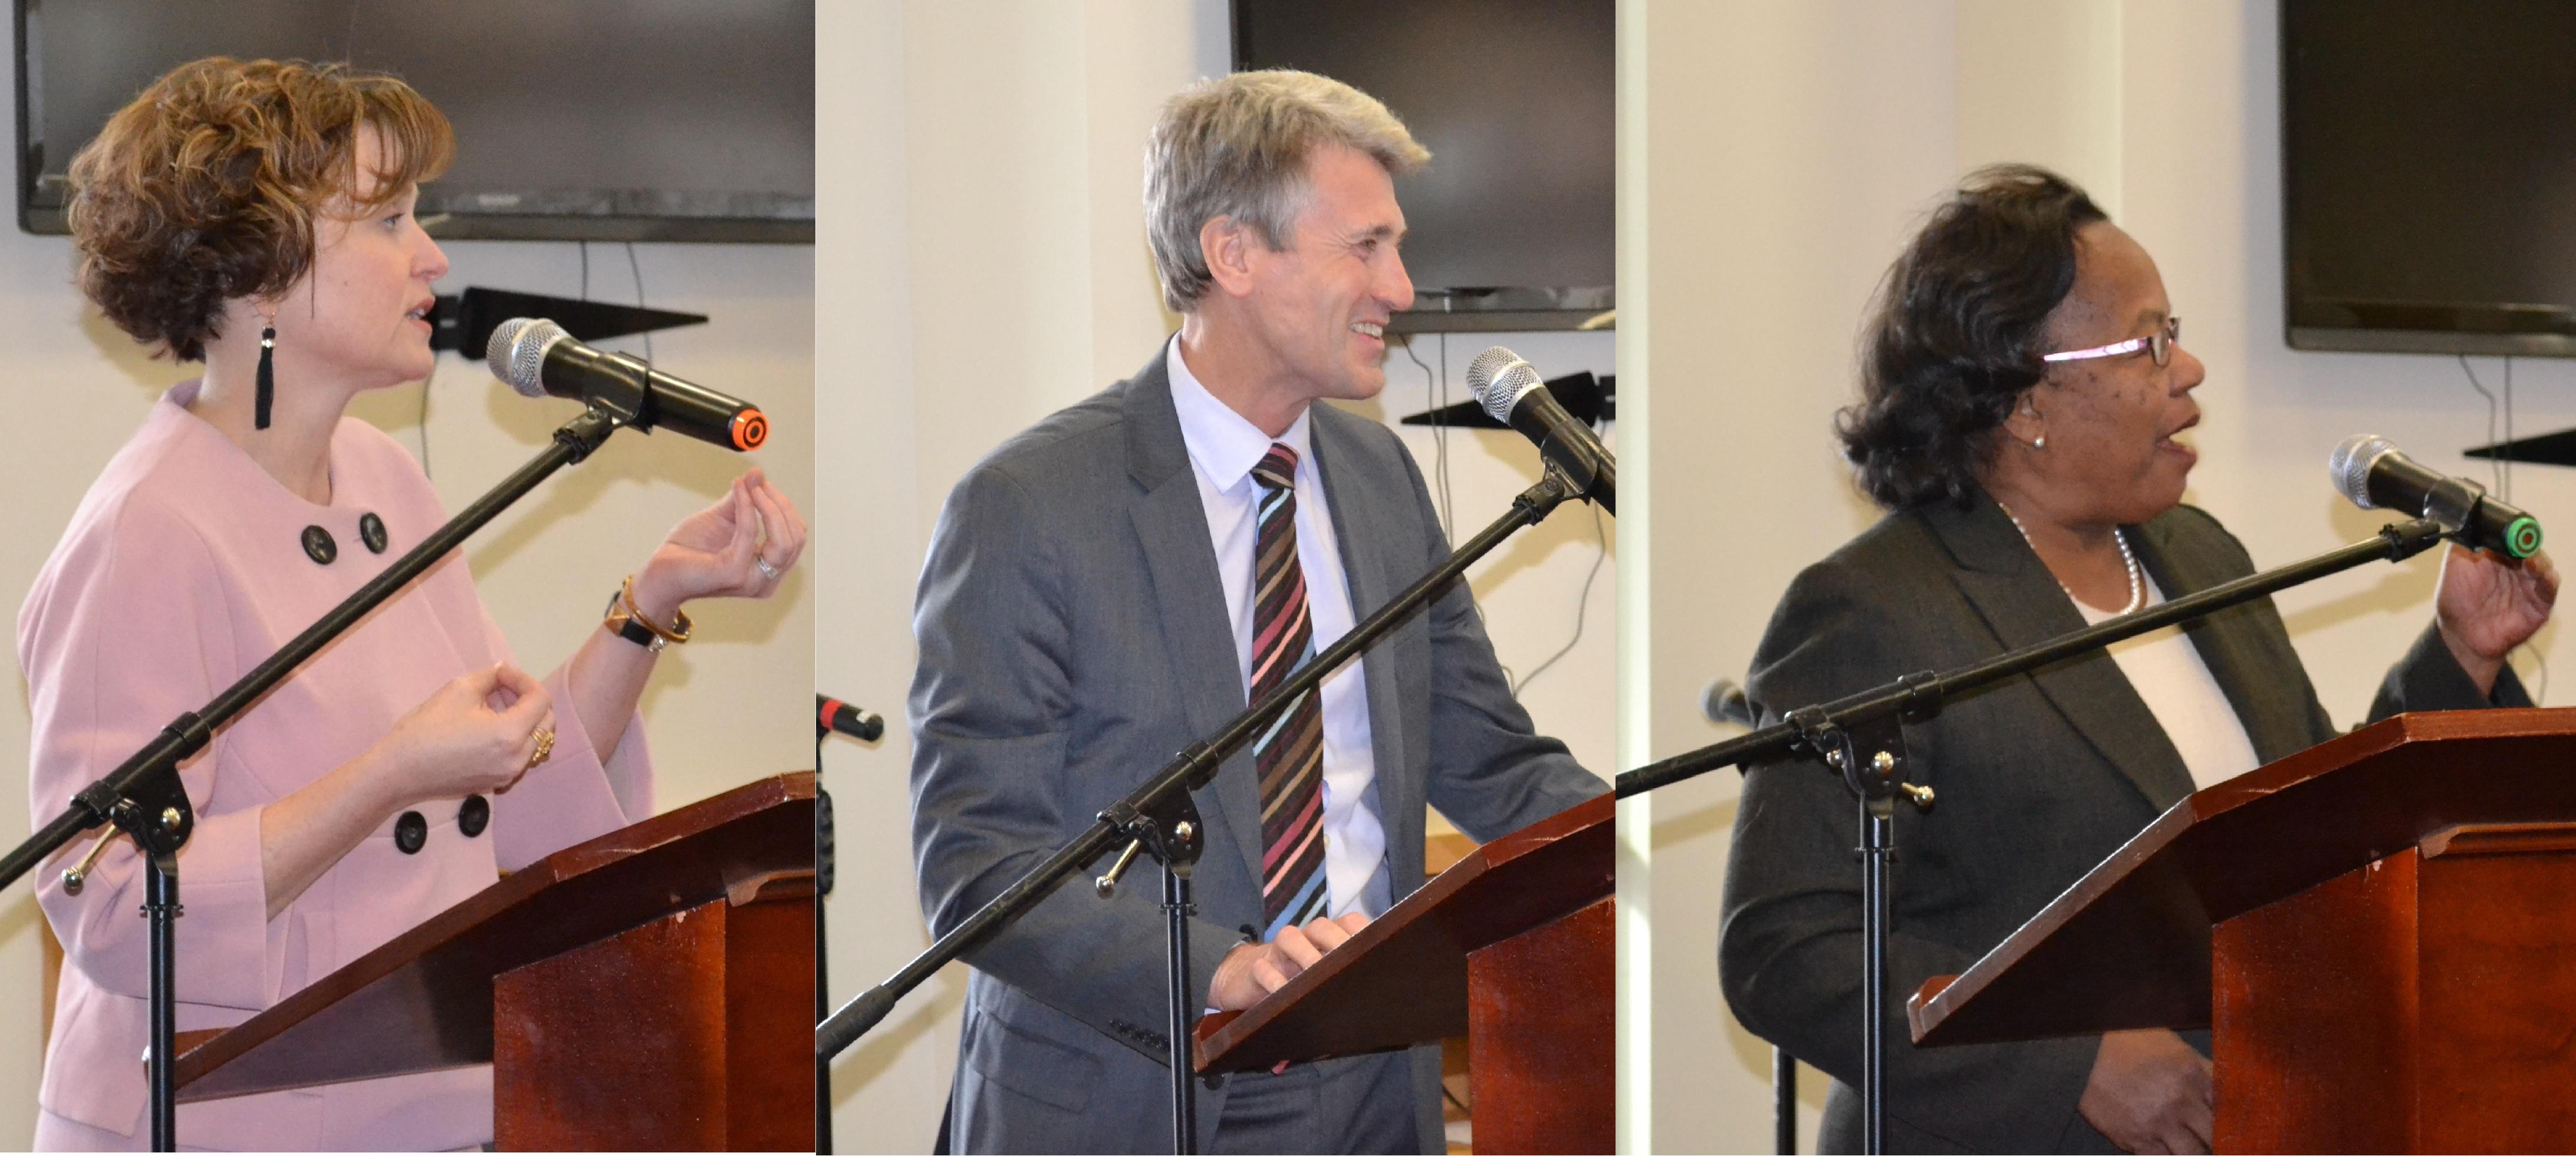 Mayors Hodges, Rybak, and Sayles-Belton